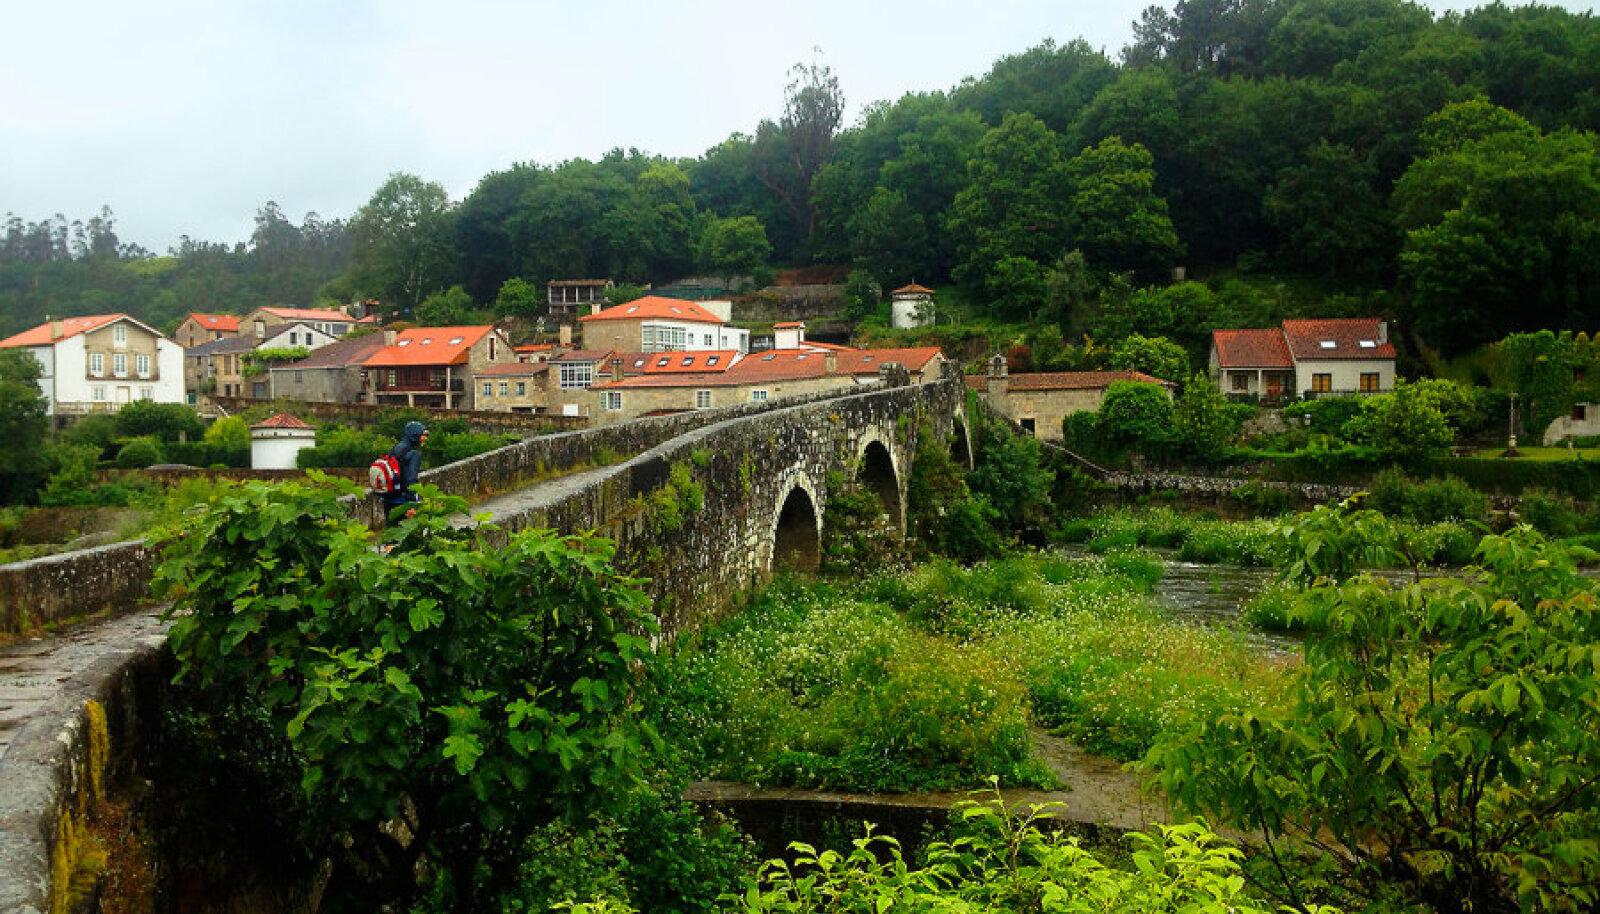 Camino Frances: enimkäidav kolmest tähtsamast Camino Santiago marsruudist. 780kilomeetrisest rajast läbisid selle artikli autorid jalgsi 200 kilomeetrit.